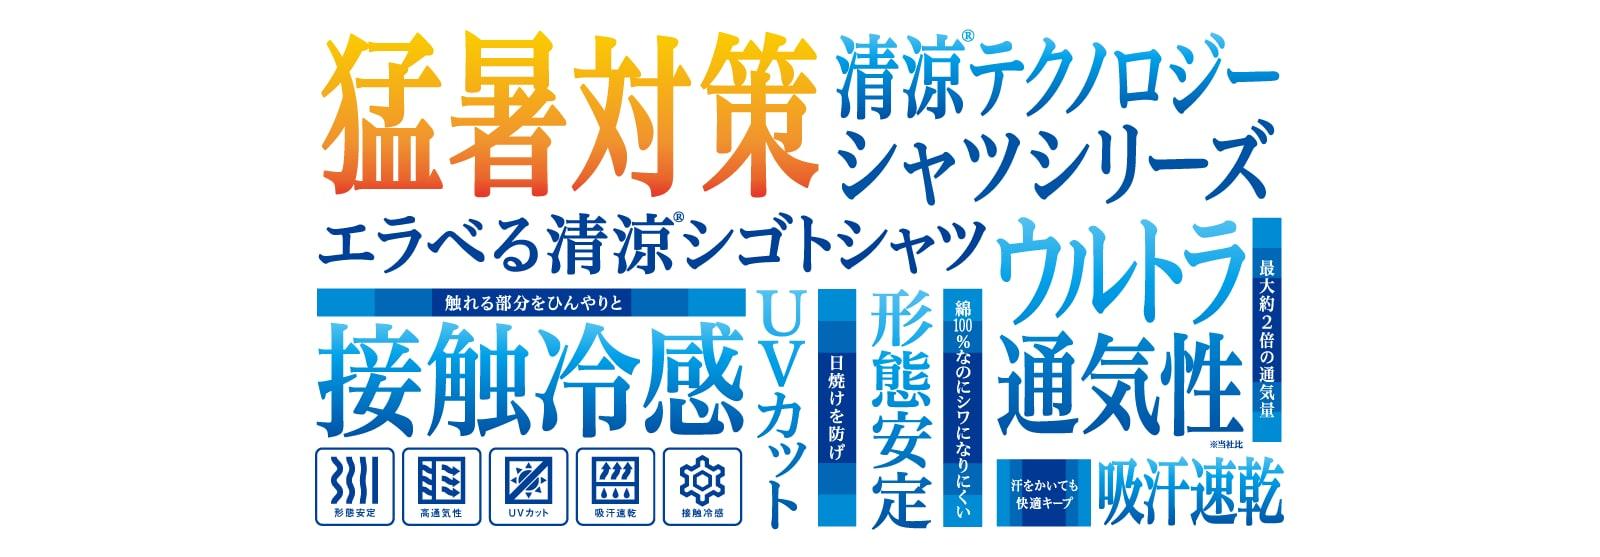 清涼(R)テクノロジーシャツシリーズ